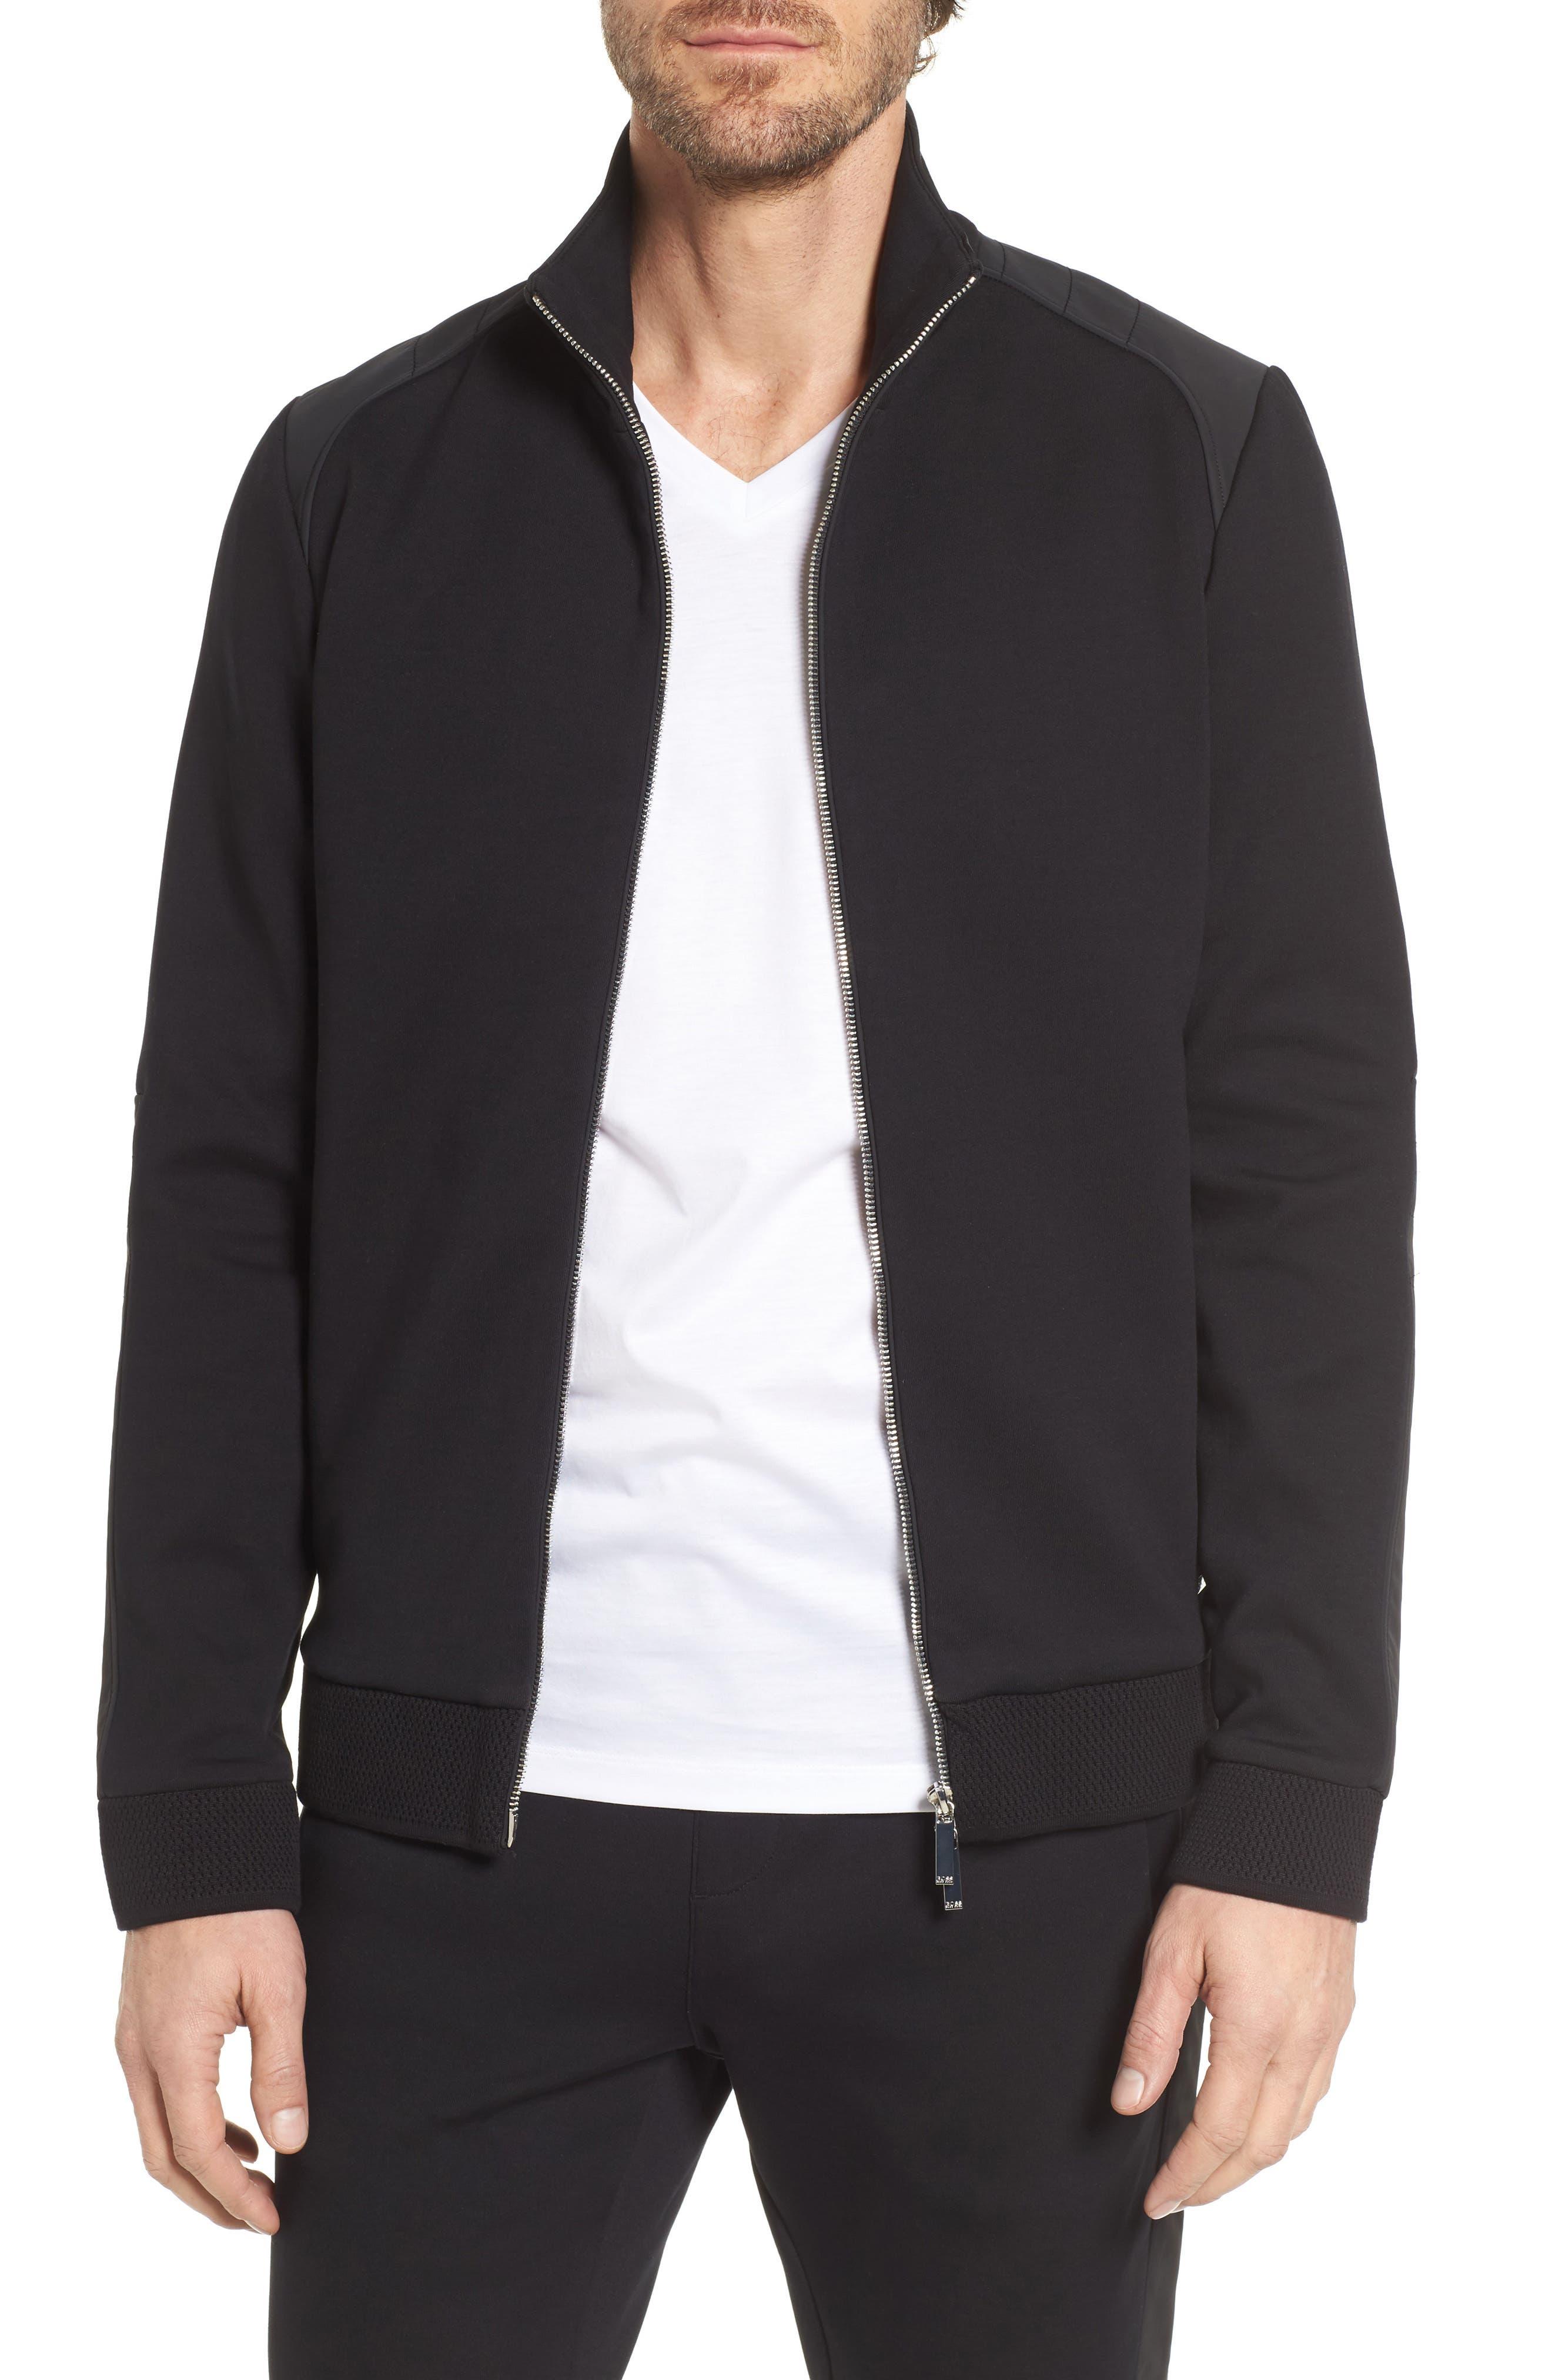 Soule Mercedes Slim Fit Zip Jacket,                             Main thumbnail 1, color,                             Black